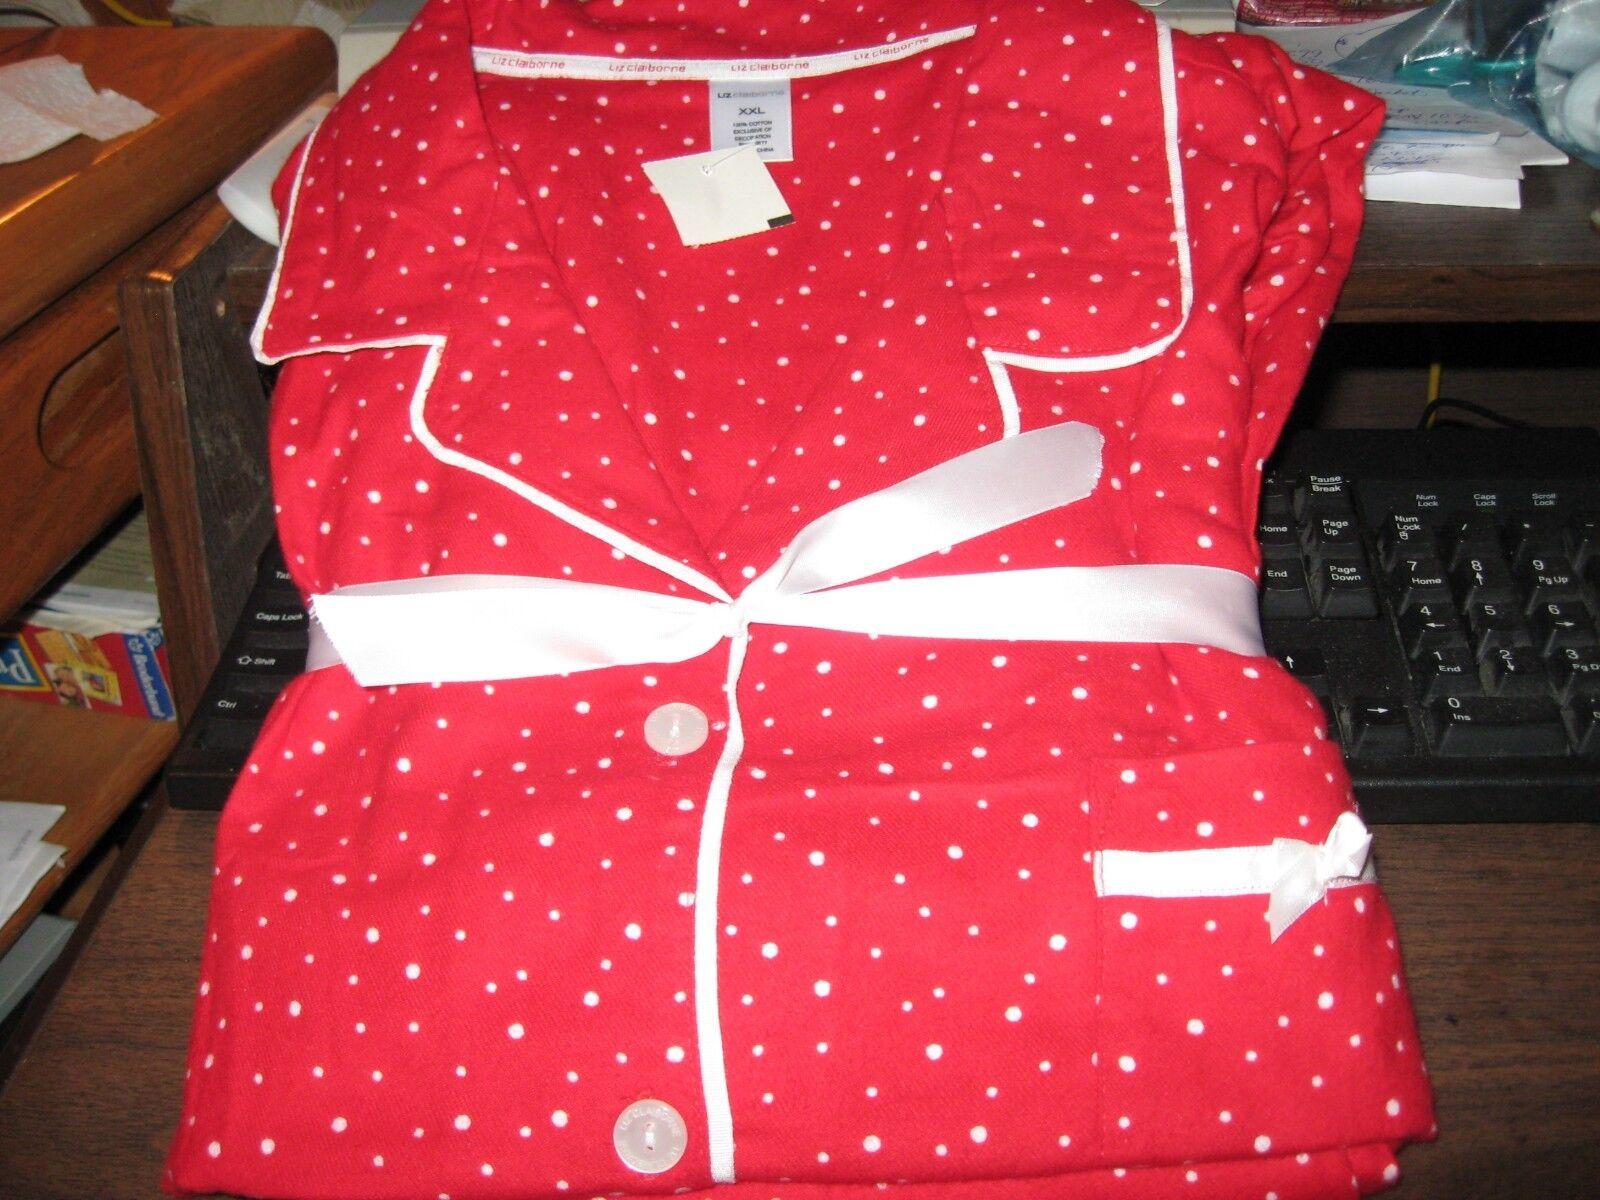 WOMENS FLANNEL PAJAMAS SIZE 2X XXLARGE LIZ CLAIBORNE RED WHITE DOTS RET 62.00NEW